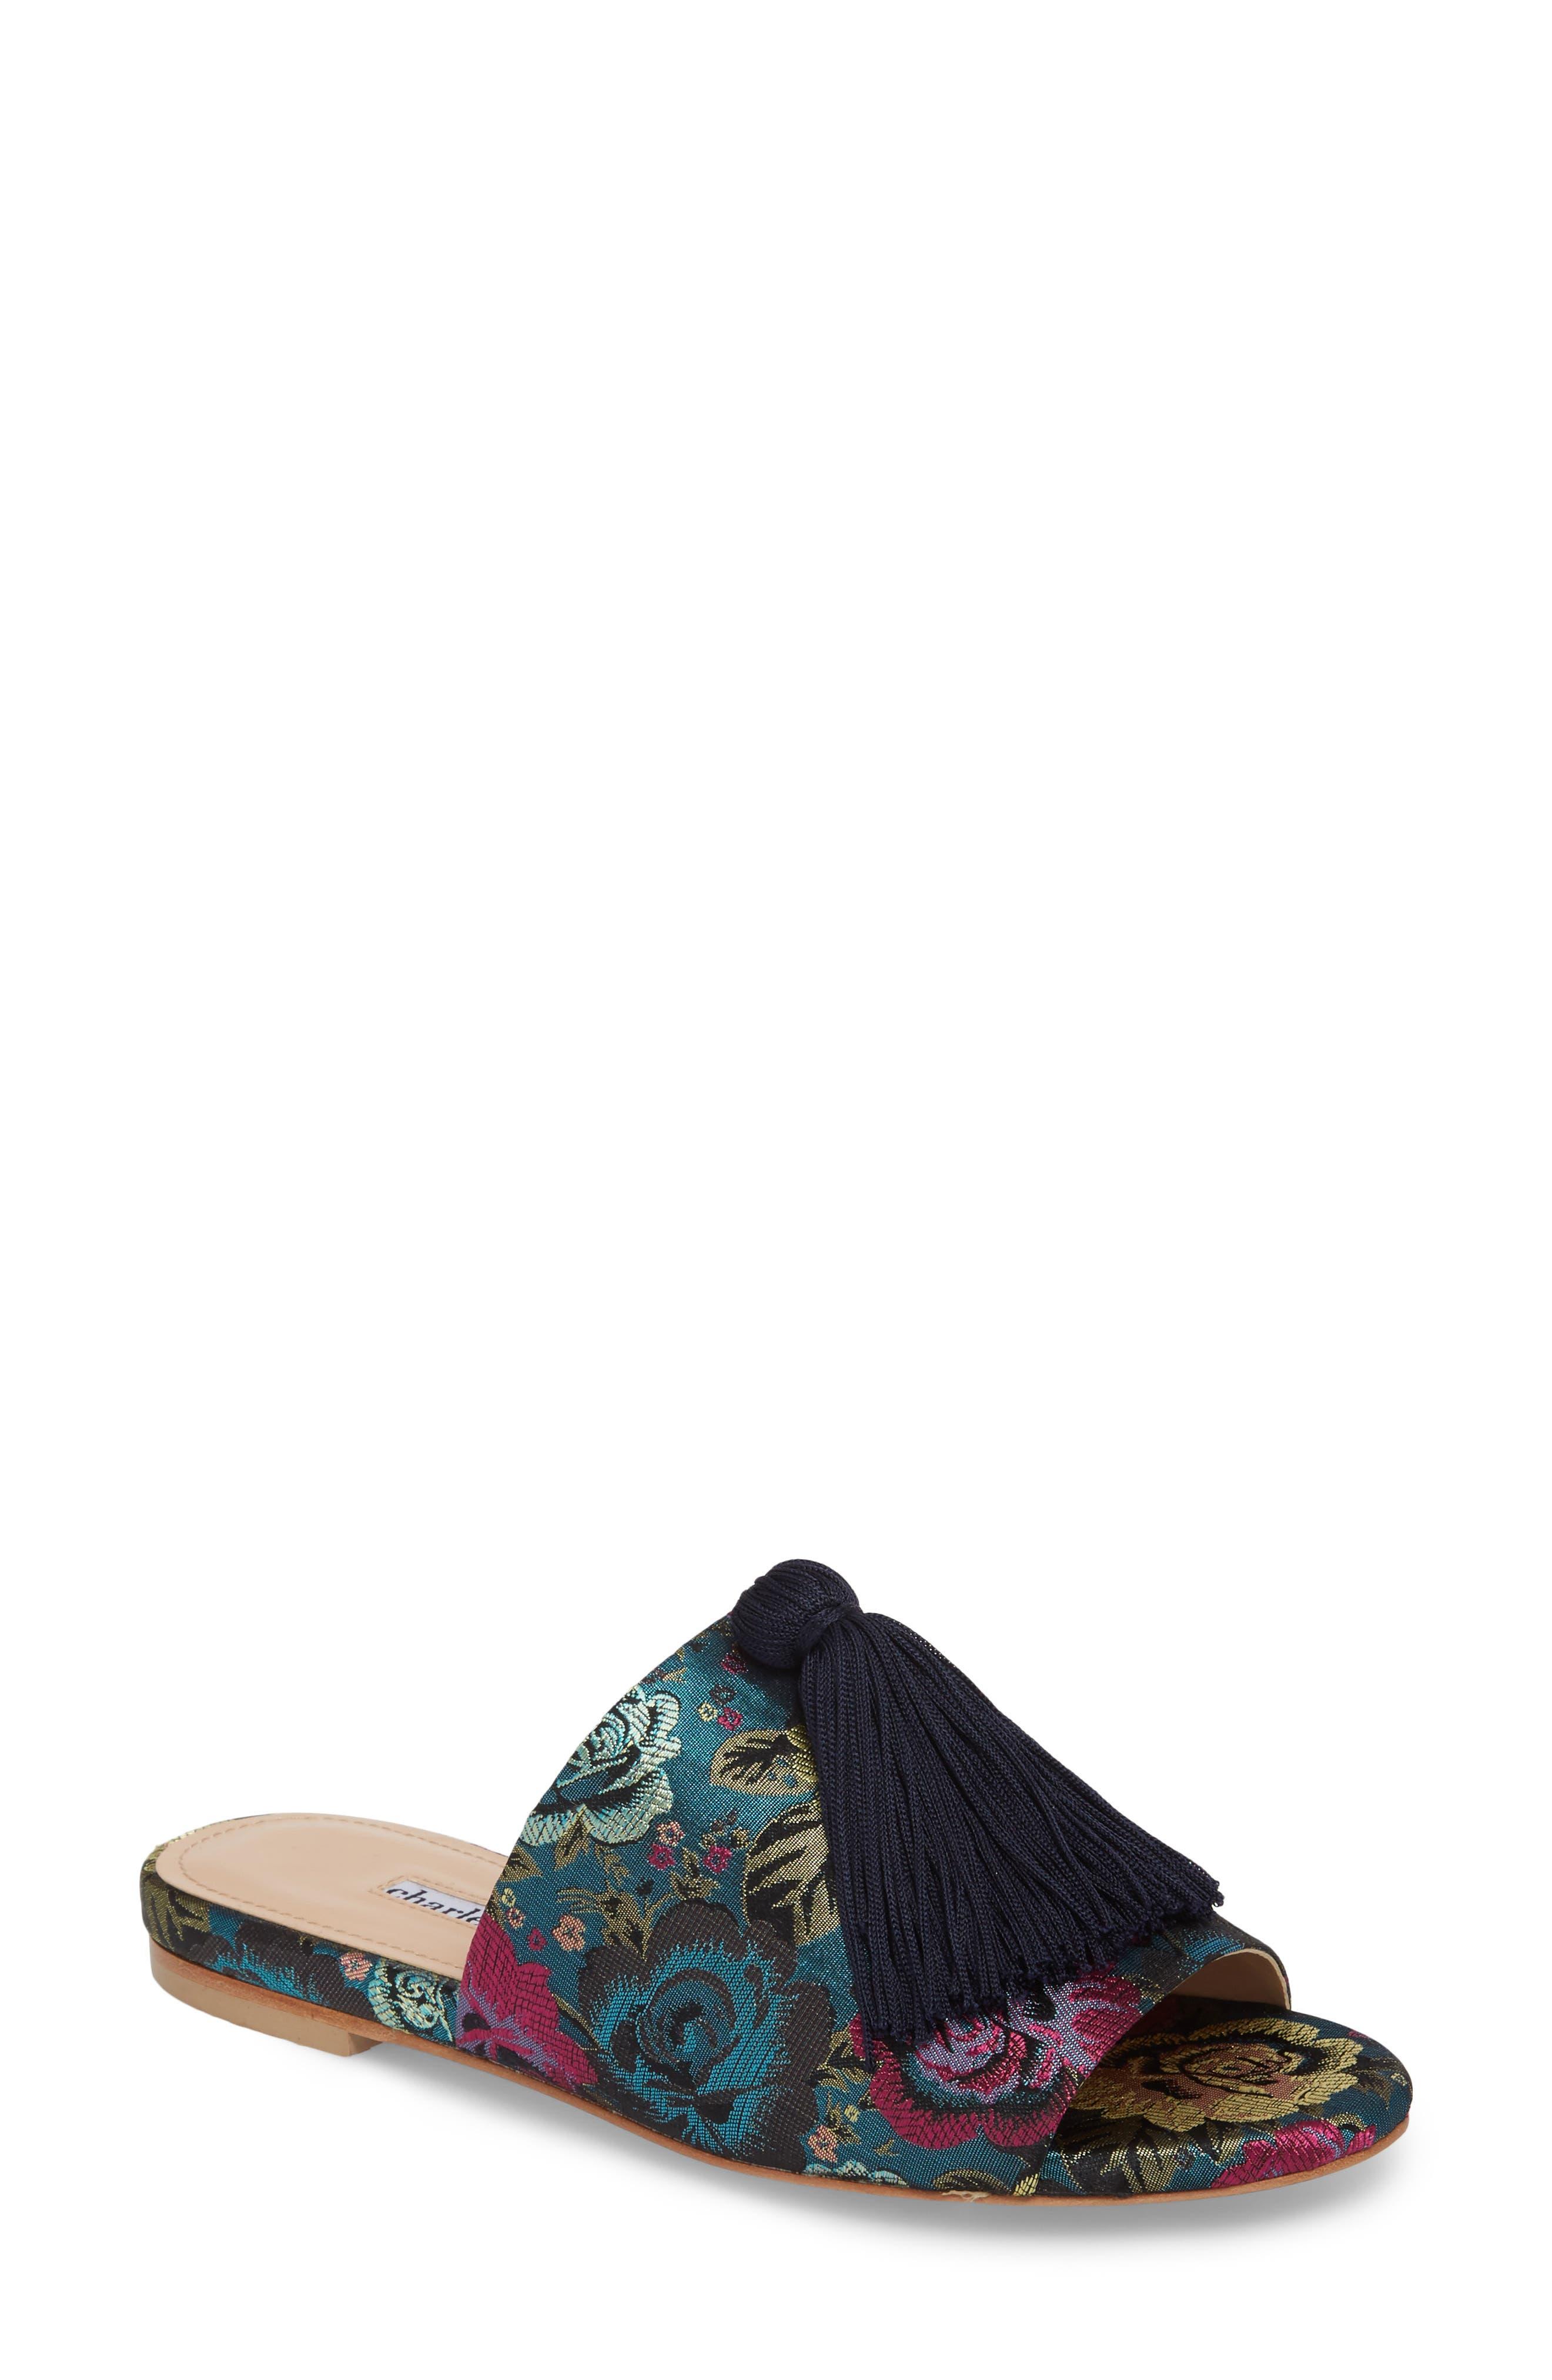 Charles David Sashay Tasseled Slide Sandal, Blue